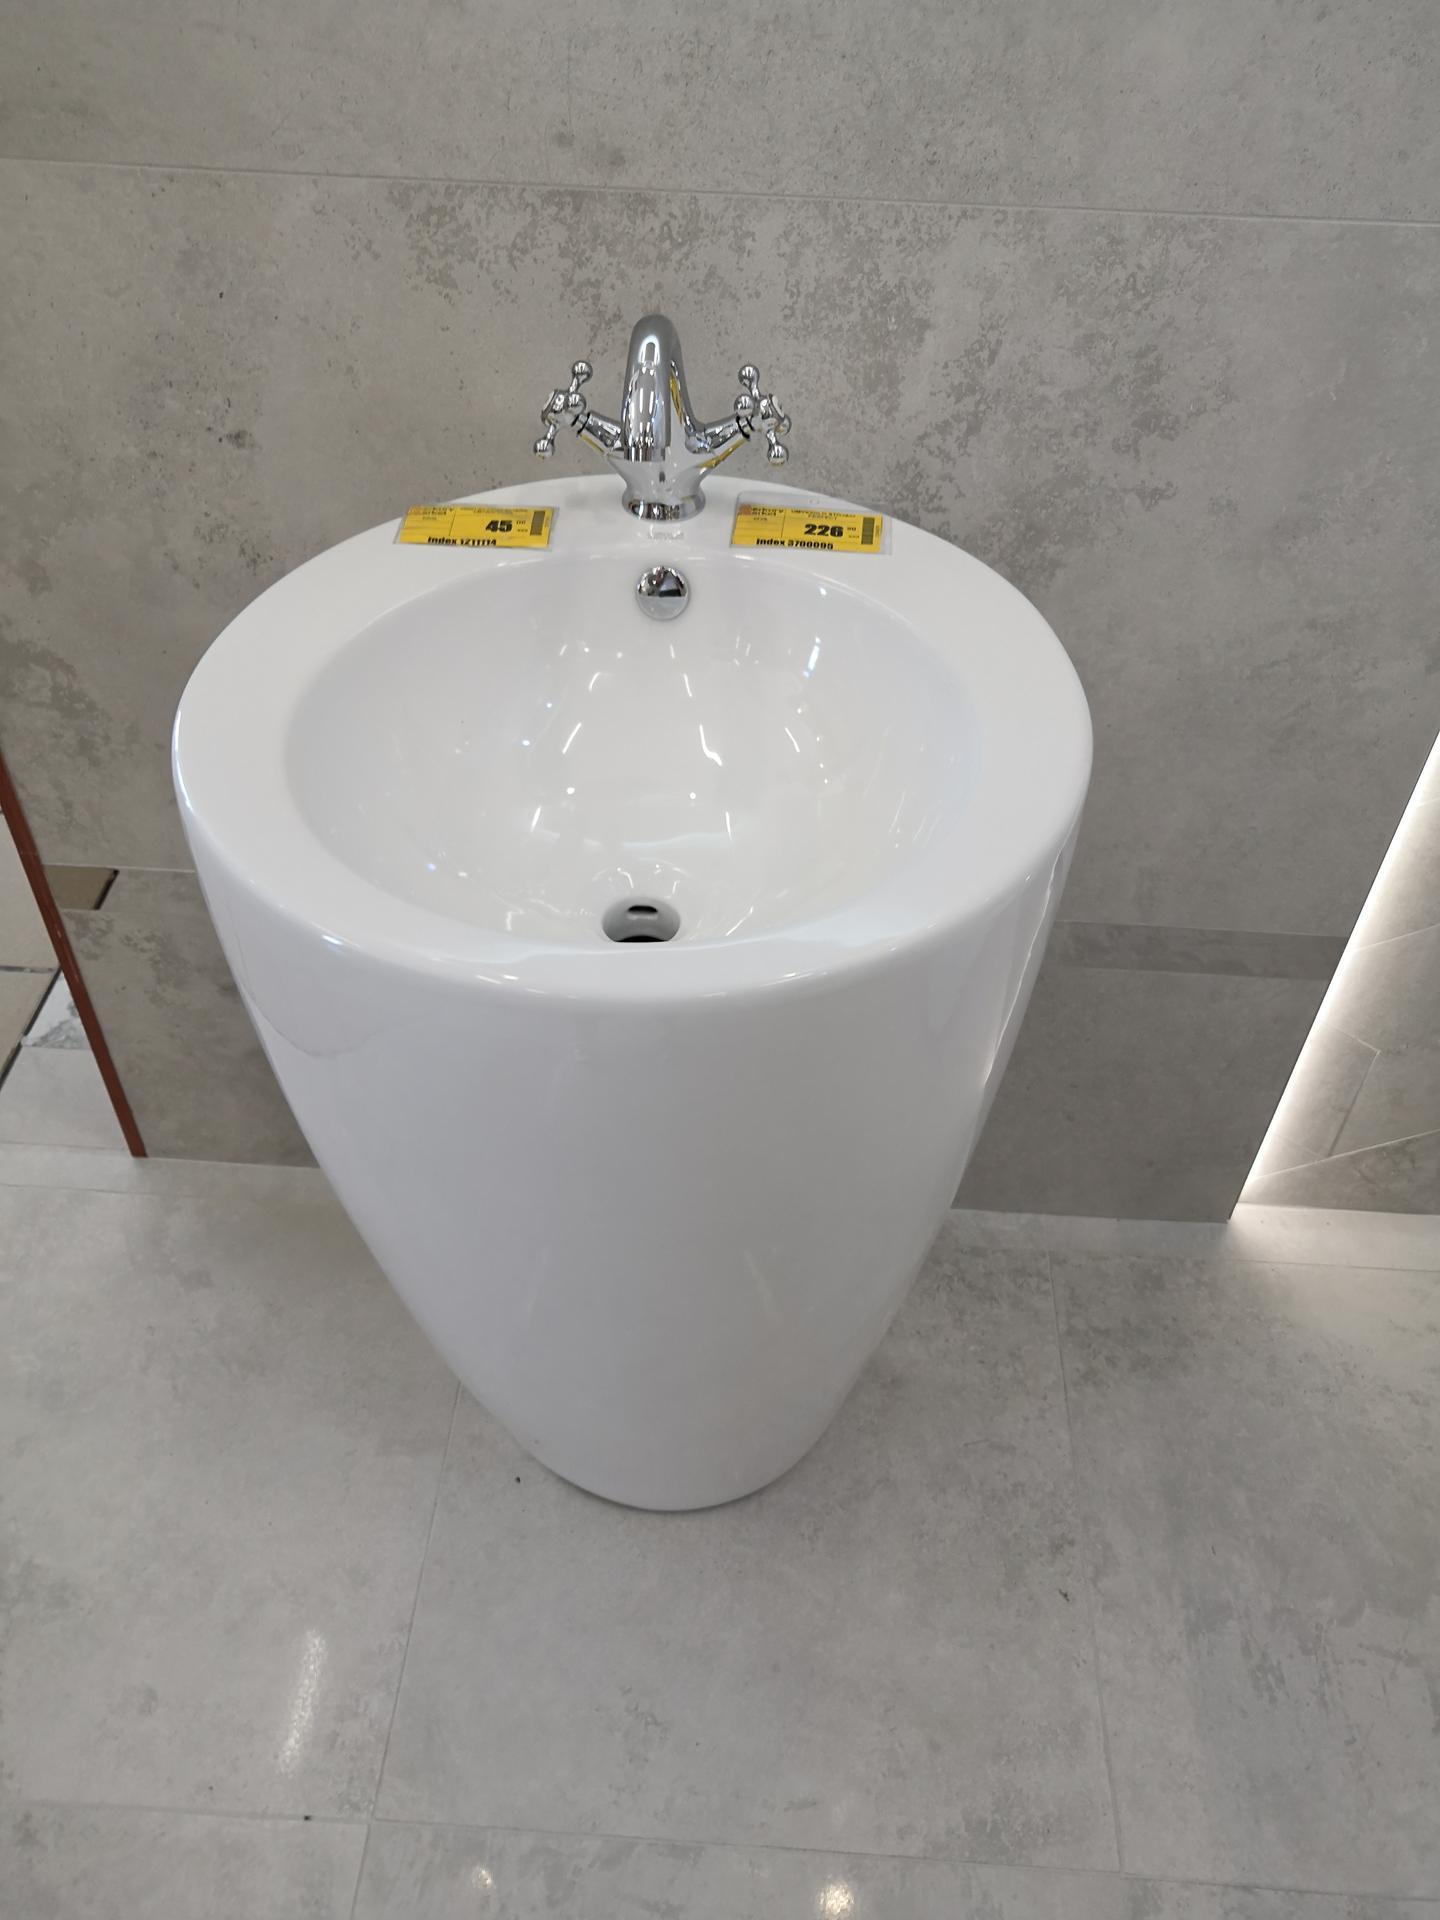 Prosím vás máte niekto takéto voľnostojace umývadlo v kúpeľni? Výhody/nevýhody? Ďakujem :) - Obrázok č. 1